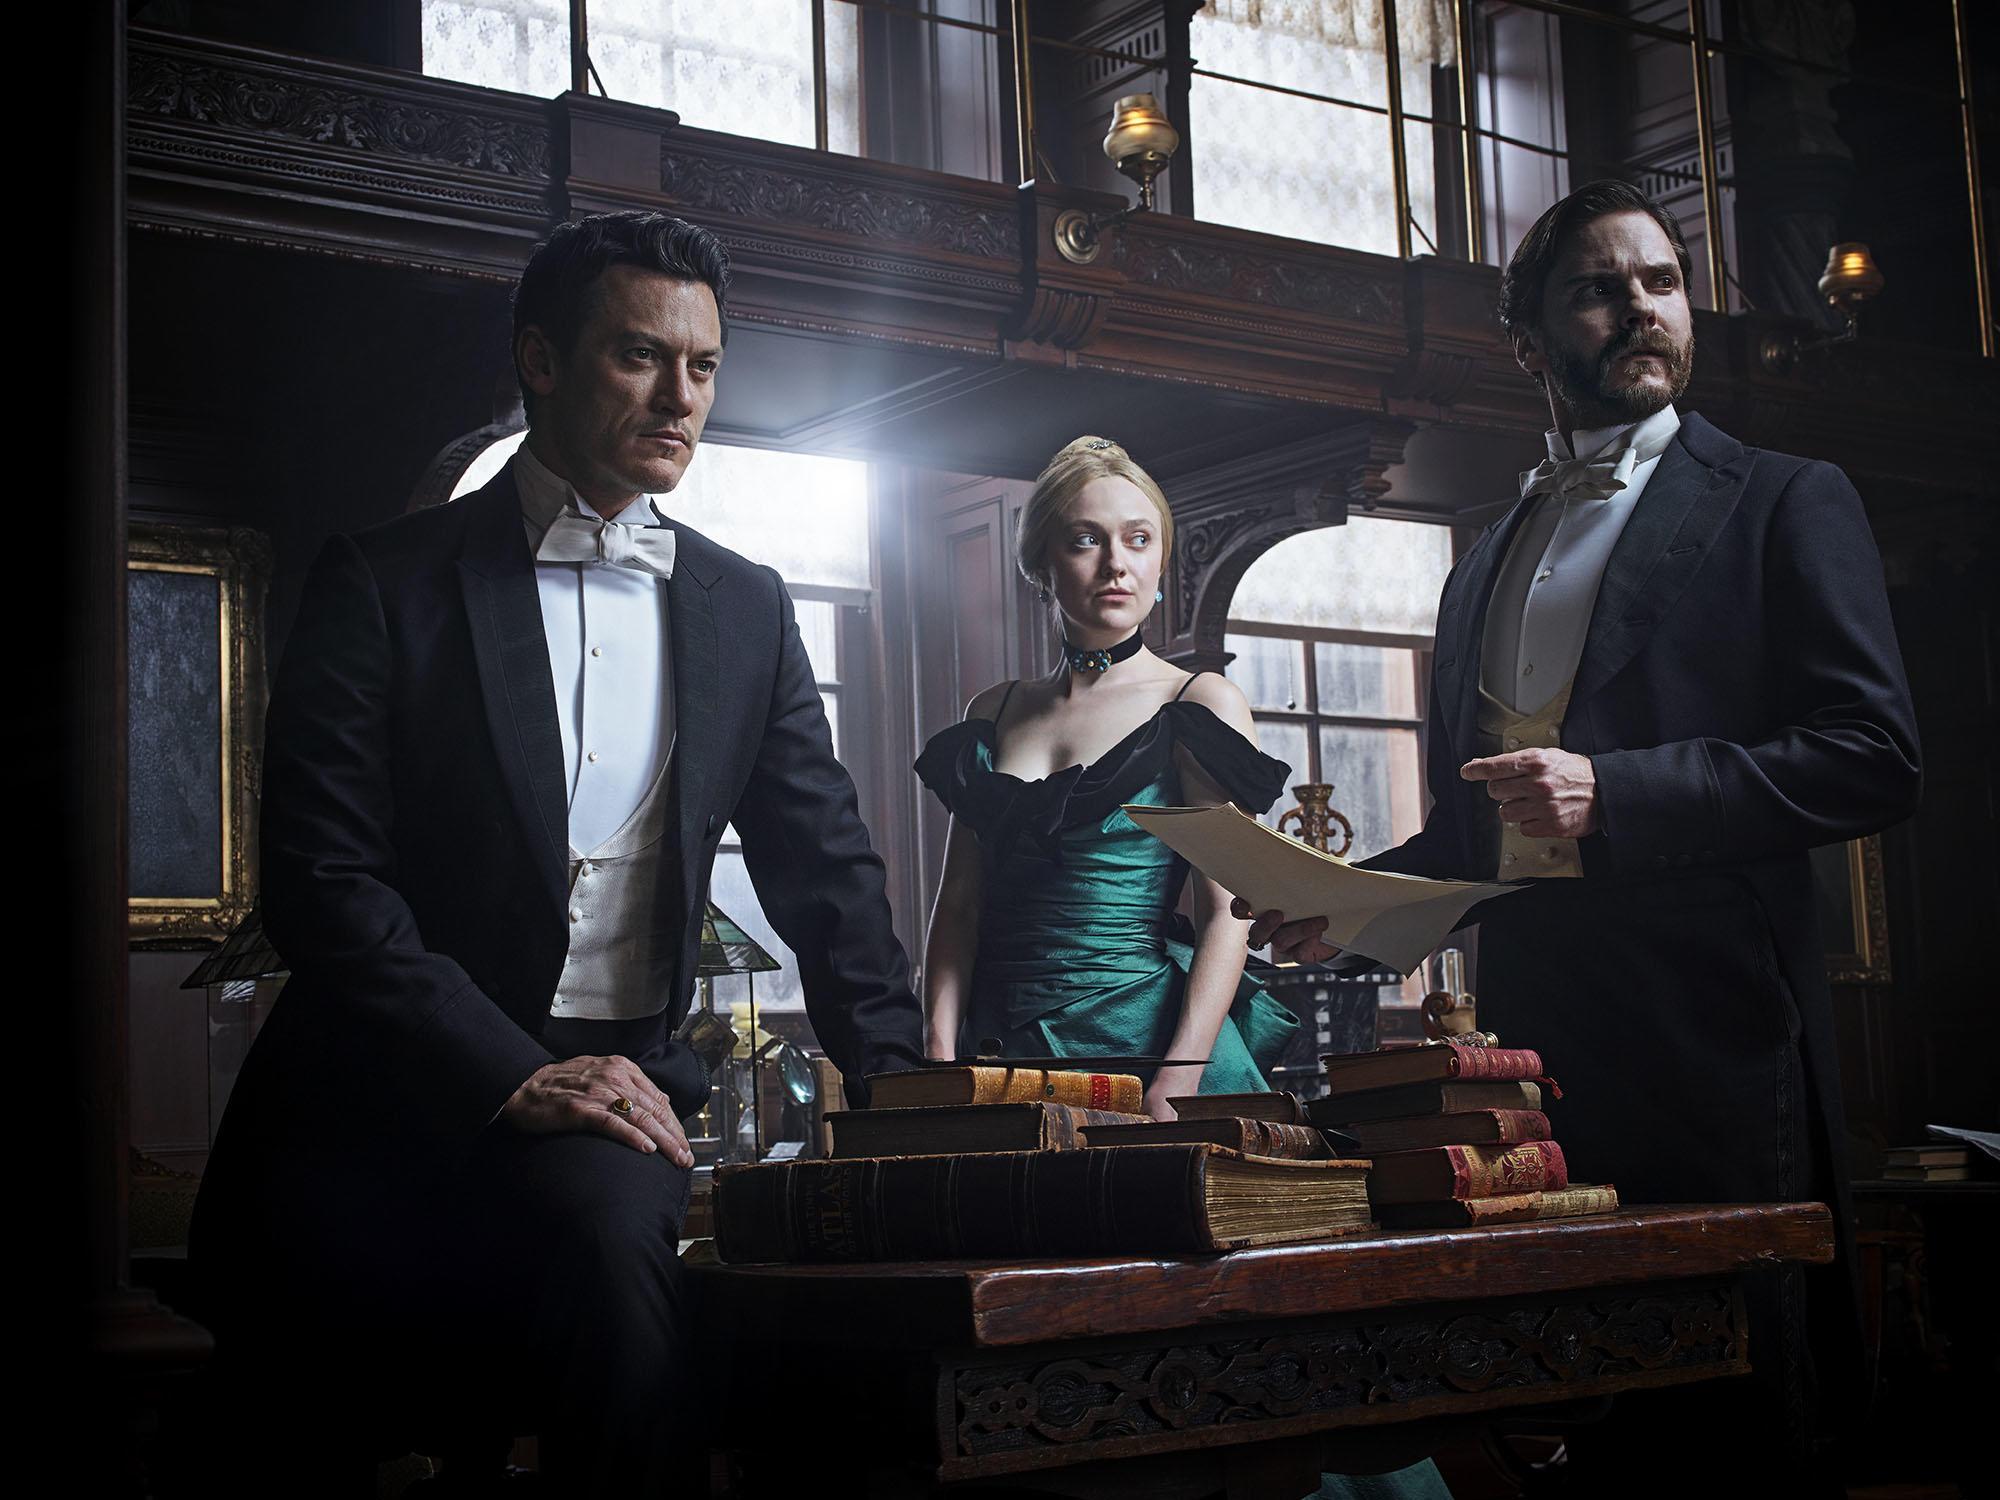 Alienist-Promo-Still-16-The-Main-Investigators.jpg